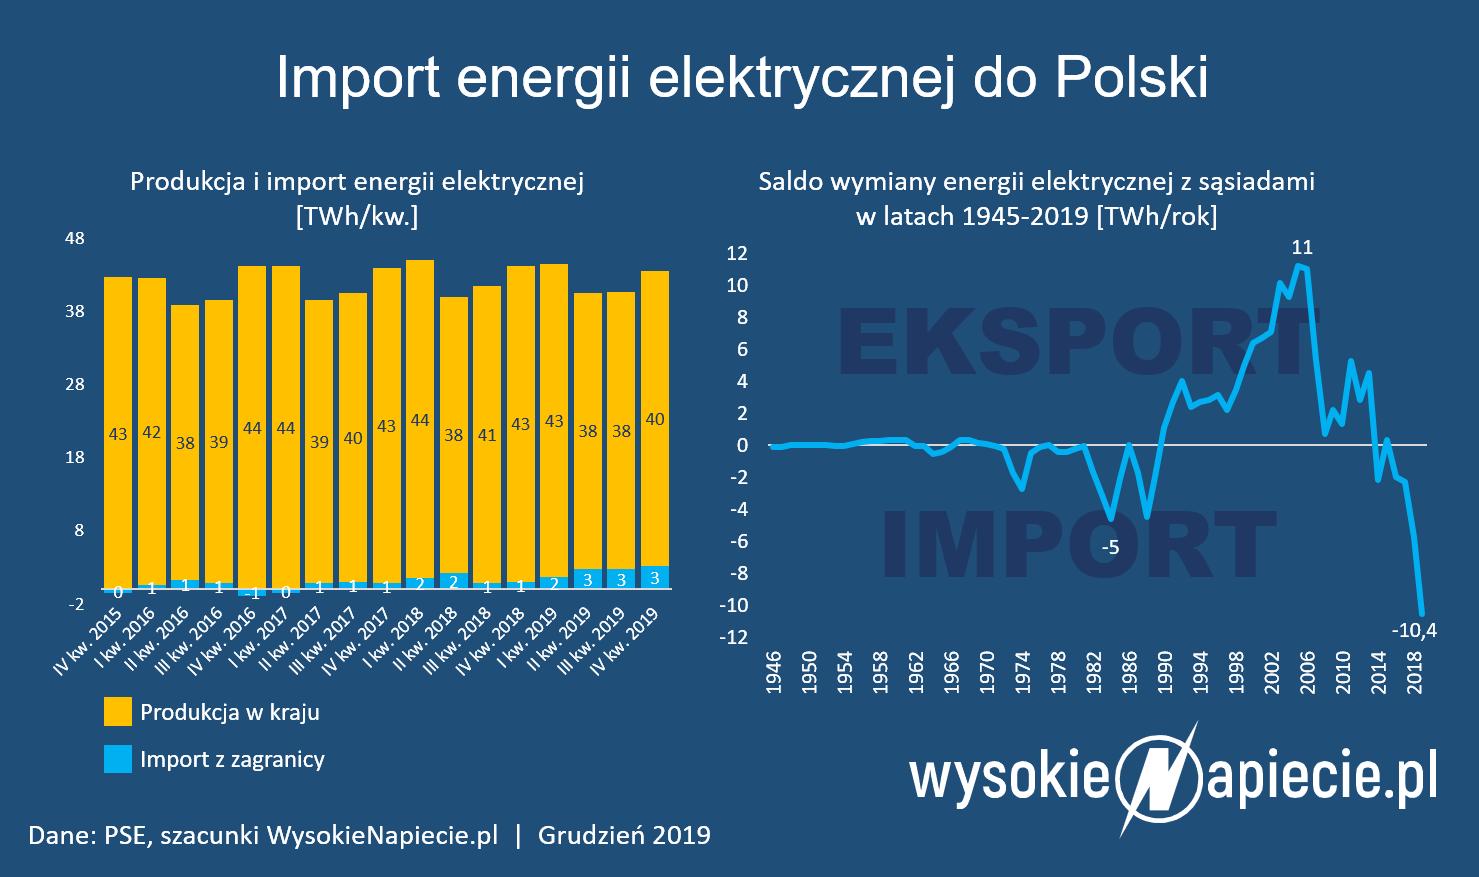 import_energii_elektrycznej_do_polski_ry